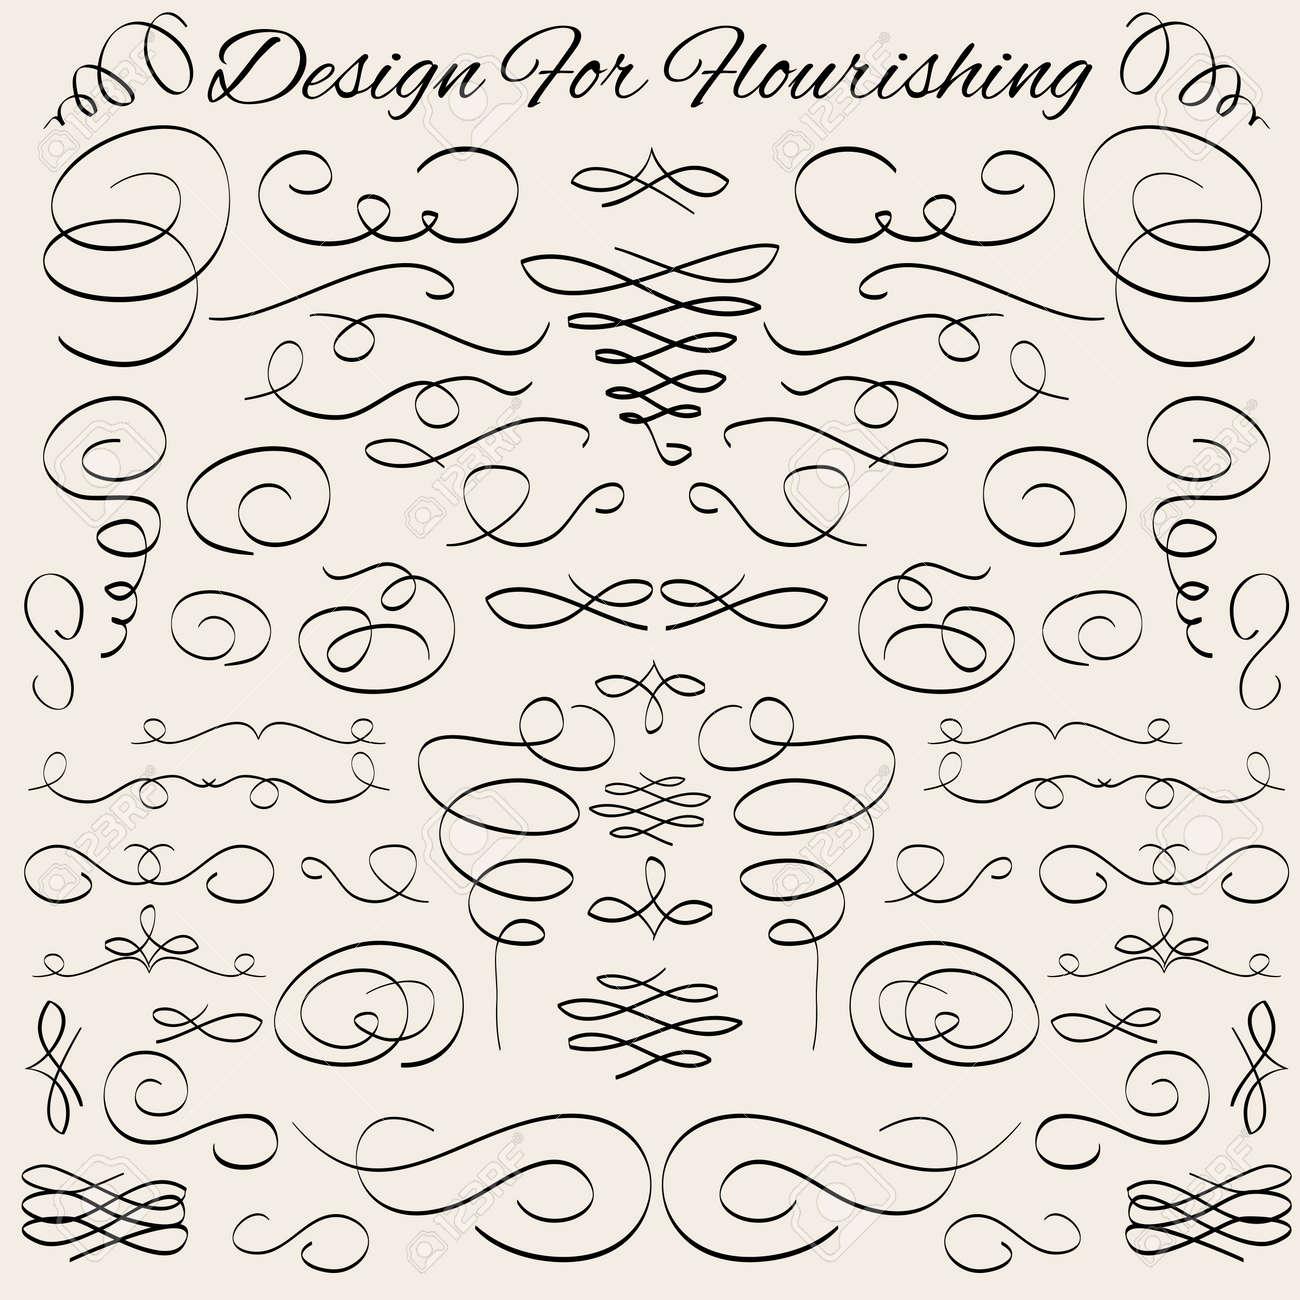 reihe von vektor vintage kalligraphische design elemente und seite dekoration trennwnde und striche - Dekoration Tren